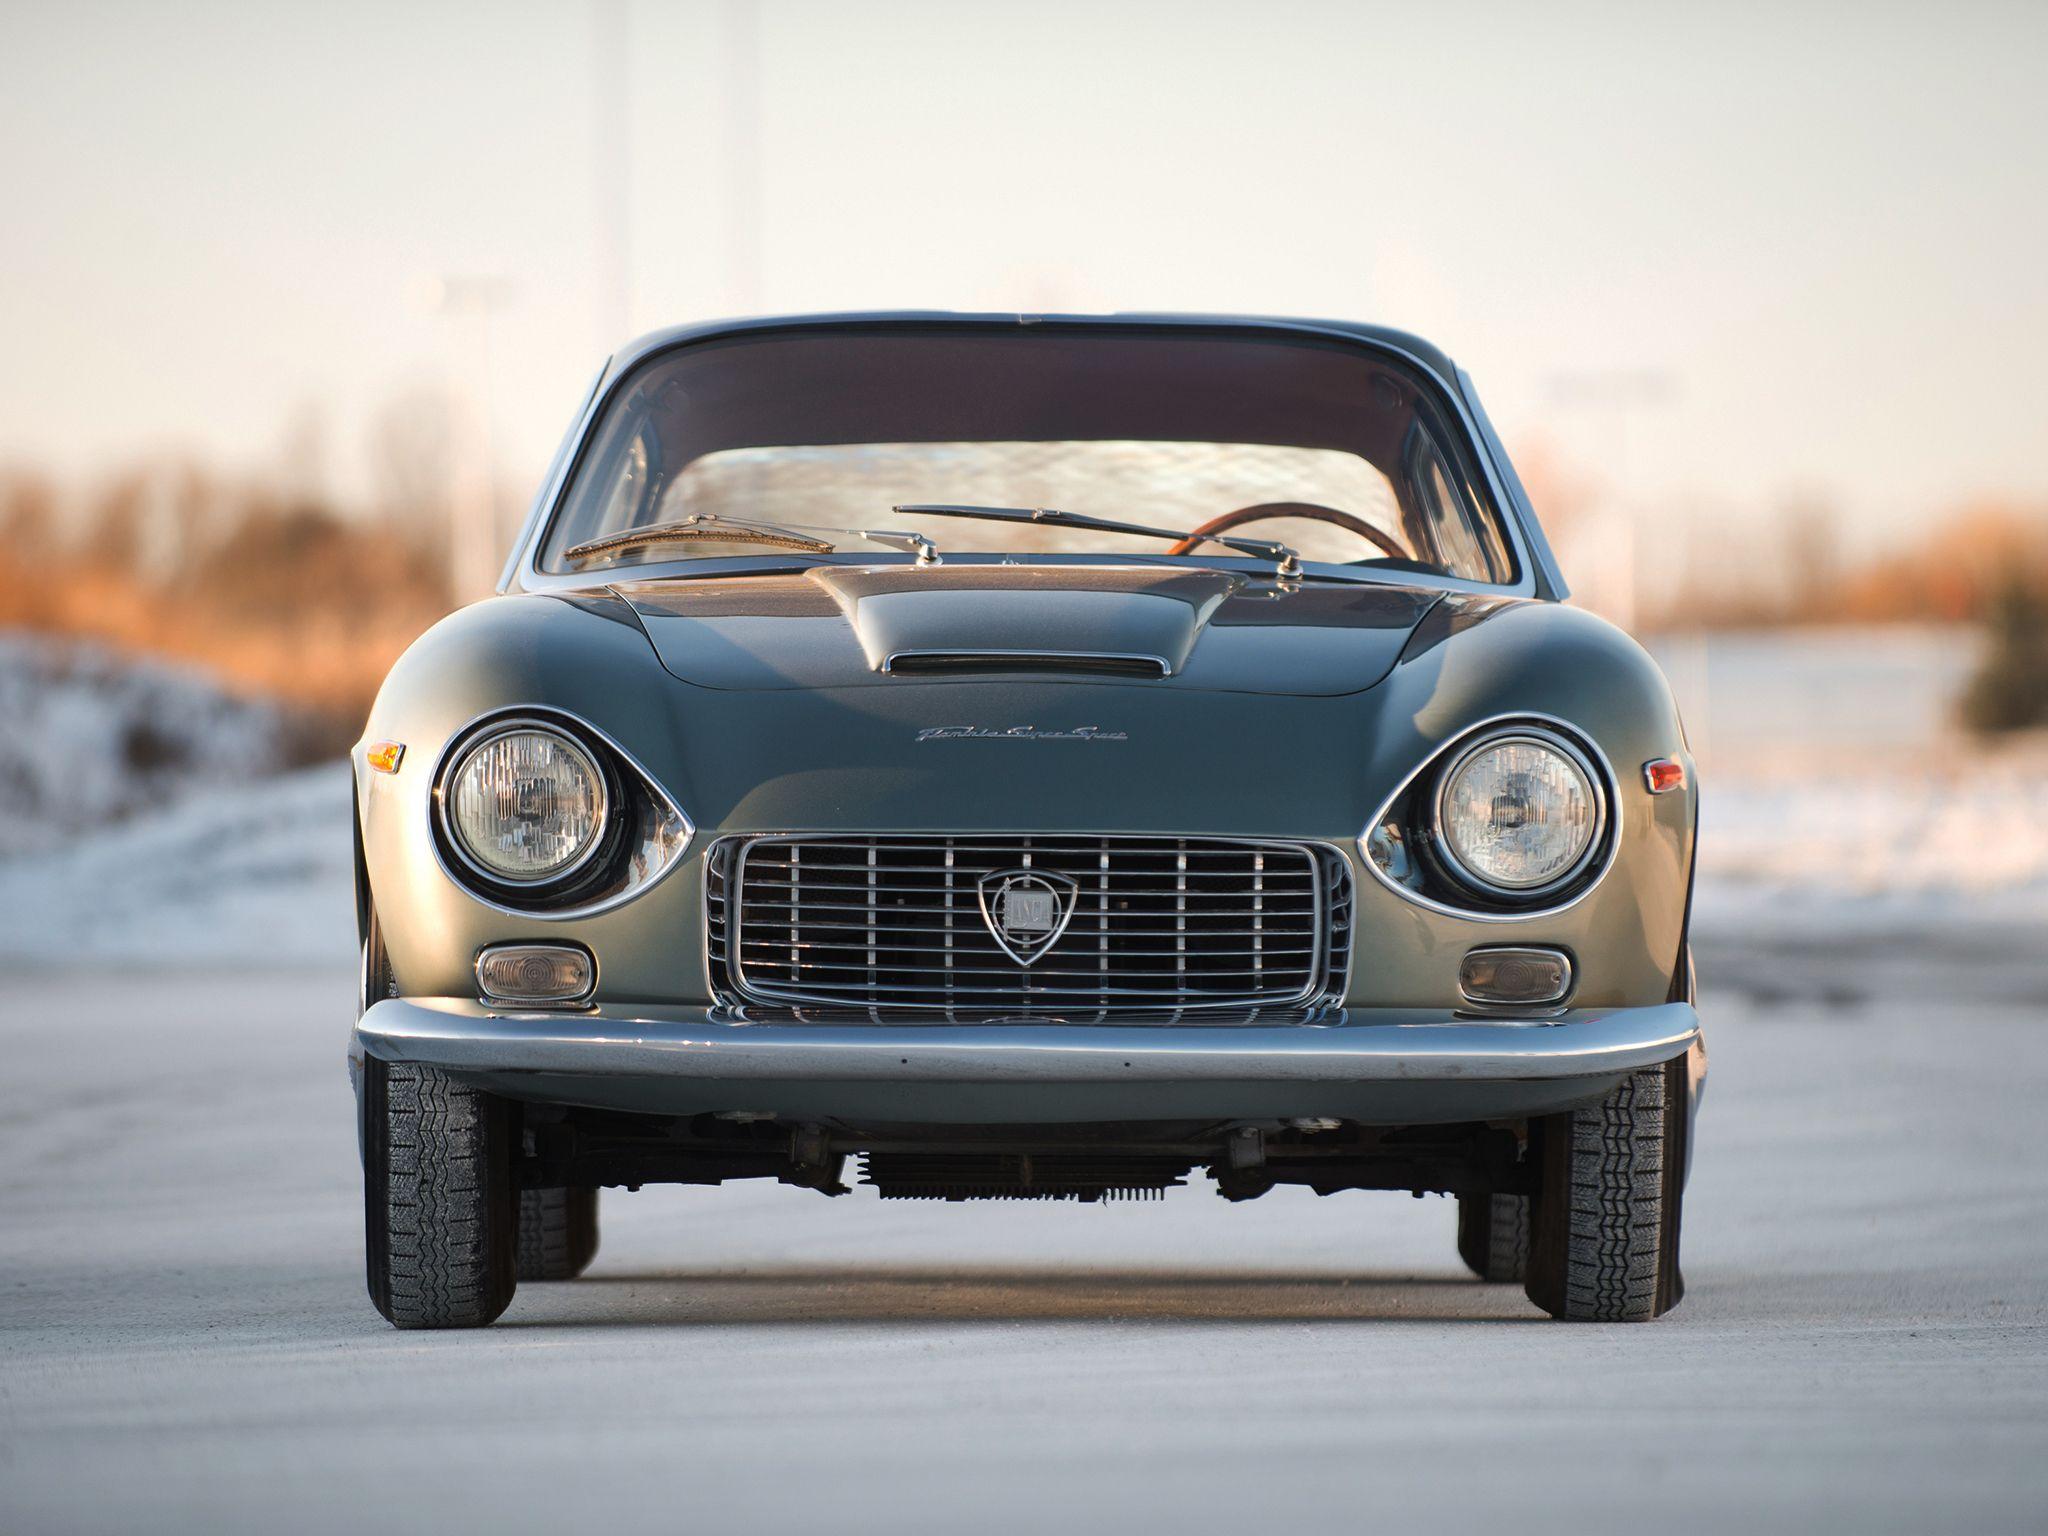 9b7170cca29548effee532b0a0407712 Breathtaking Ferrari Mondial T Cabrio Kaufen Cars Trend